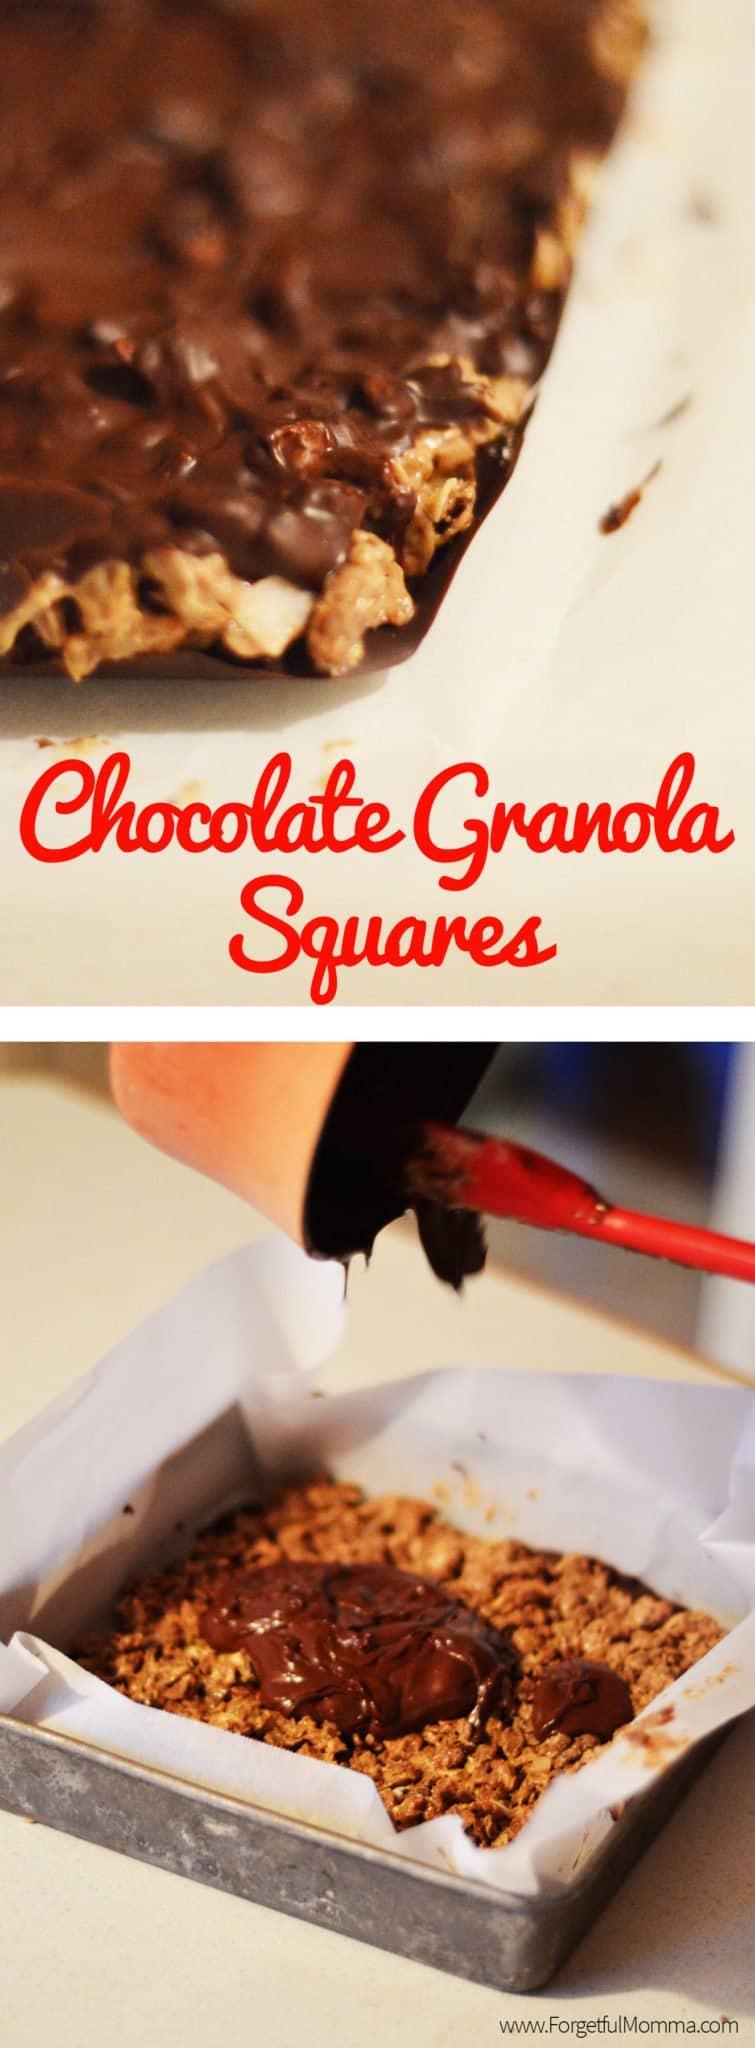 Chocolate Granola Squares